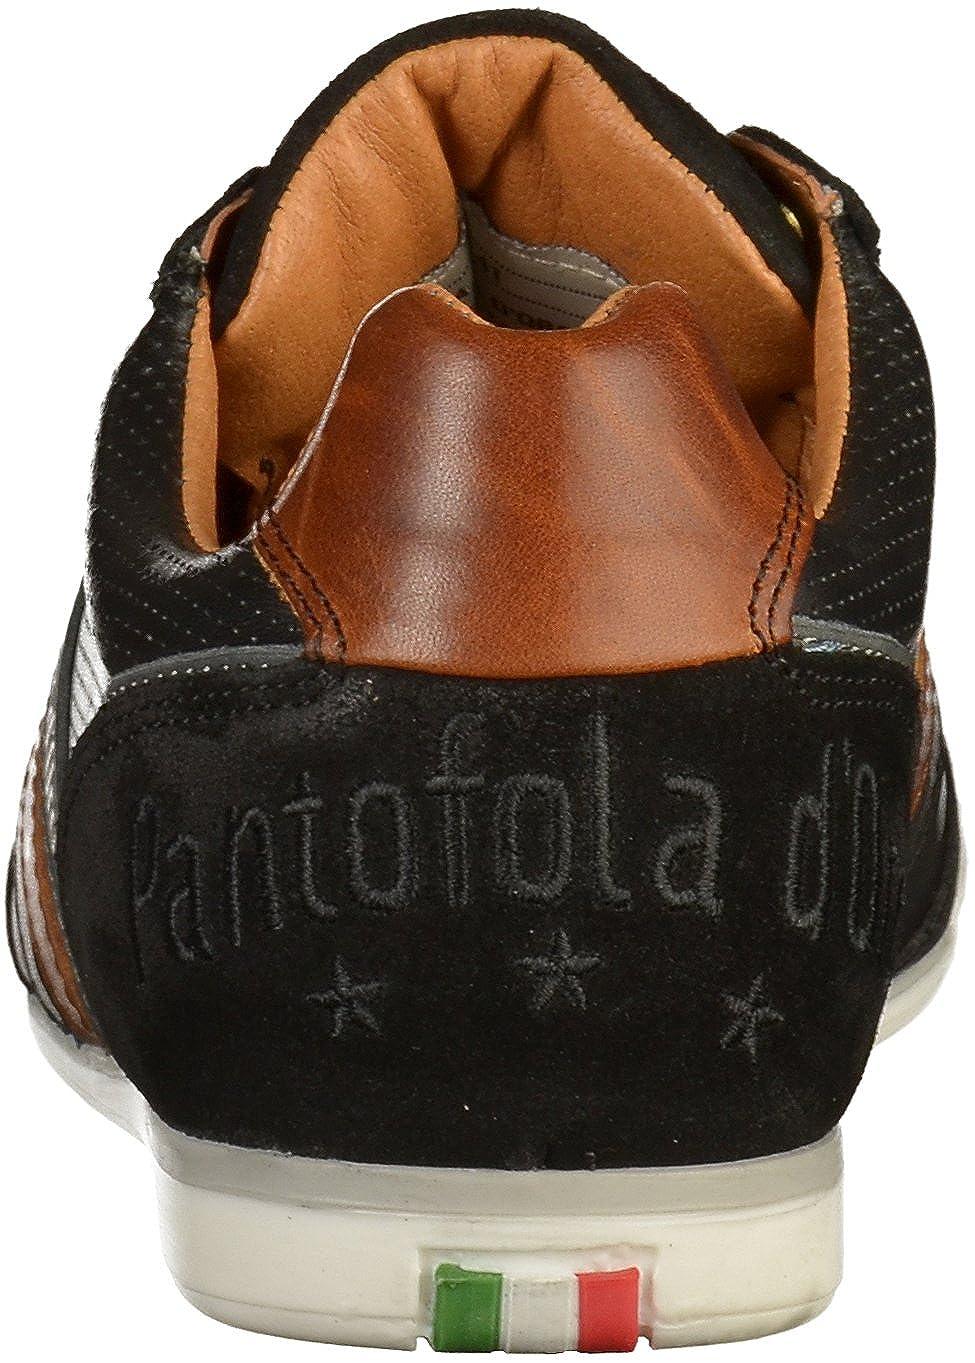 Pantofola Herren d'Oro Herren Vasto  Herren Pantofola Niedrig-Top schwarz (10181026.25y) bfccf3